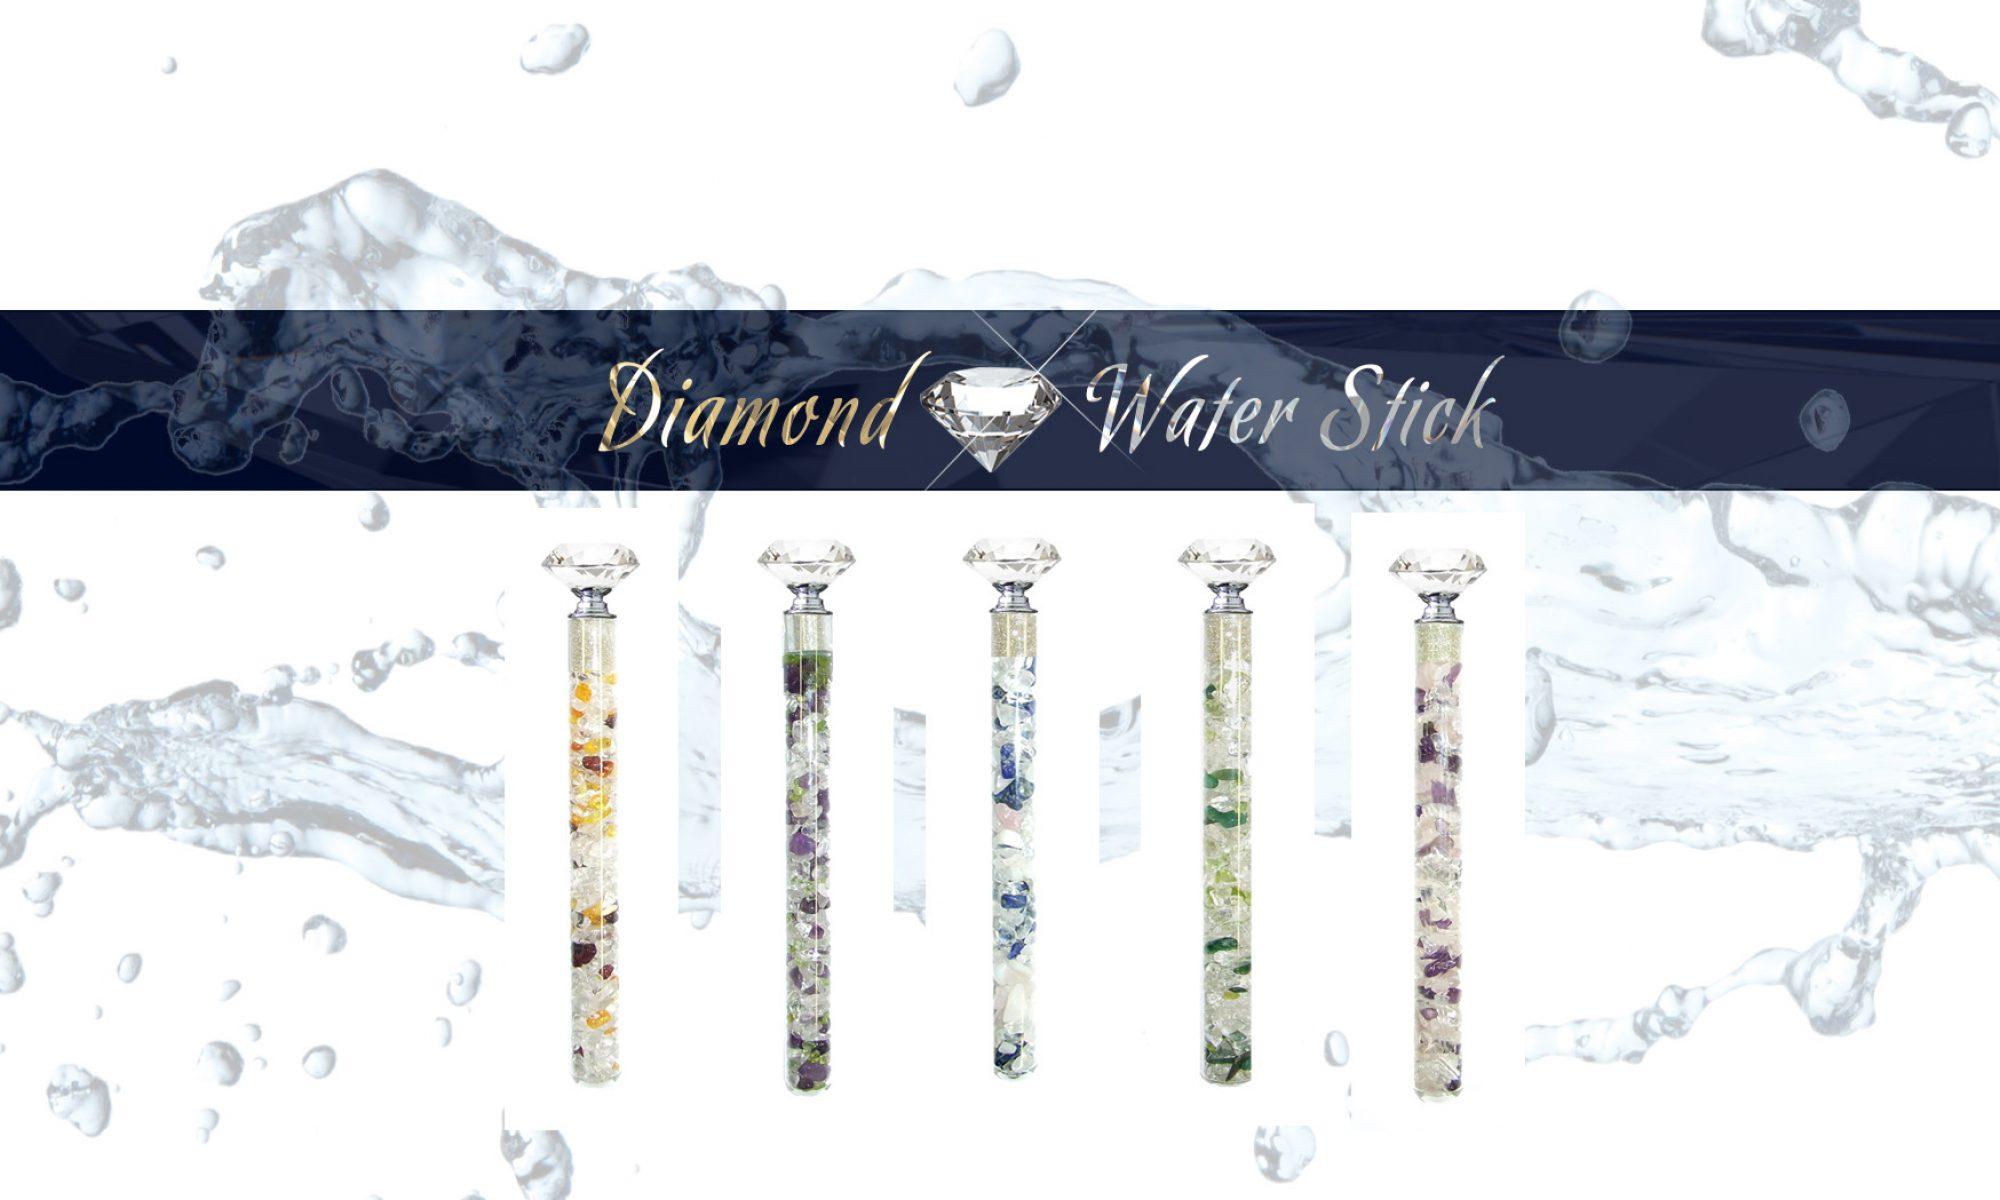 Diamond Waterstick - Edelstein Wasserstäbe und mehr